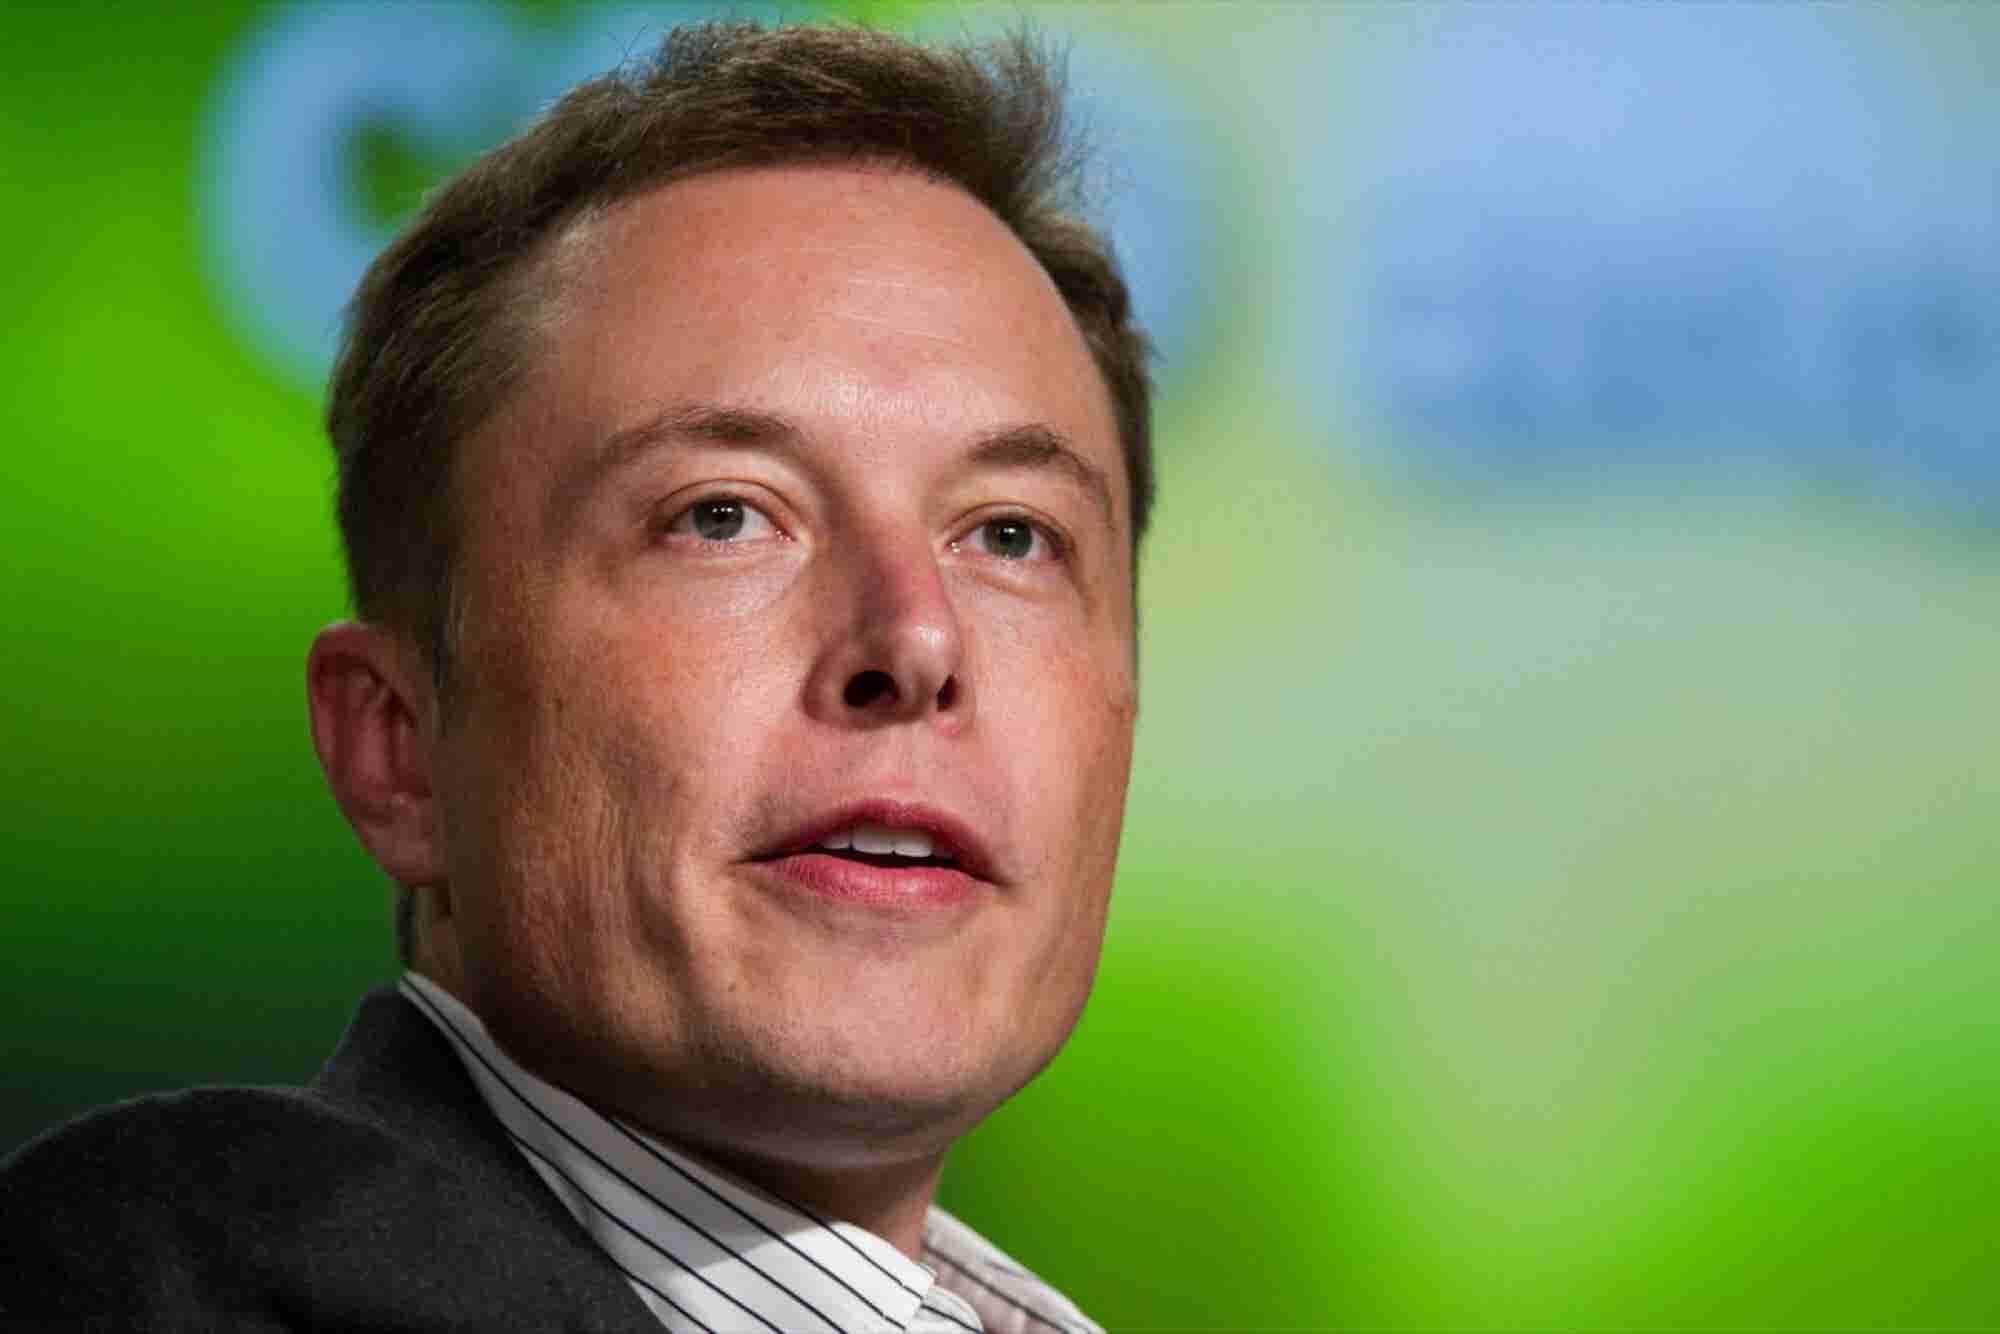 What Do Elon Musk, Oprah Winfrey, Warren Buffett and Other Business Titans Have on Their Desks?